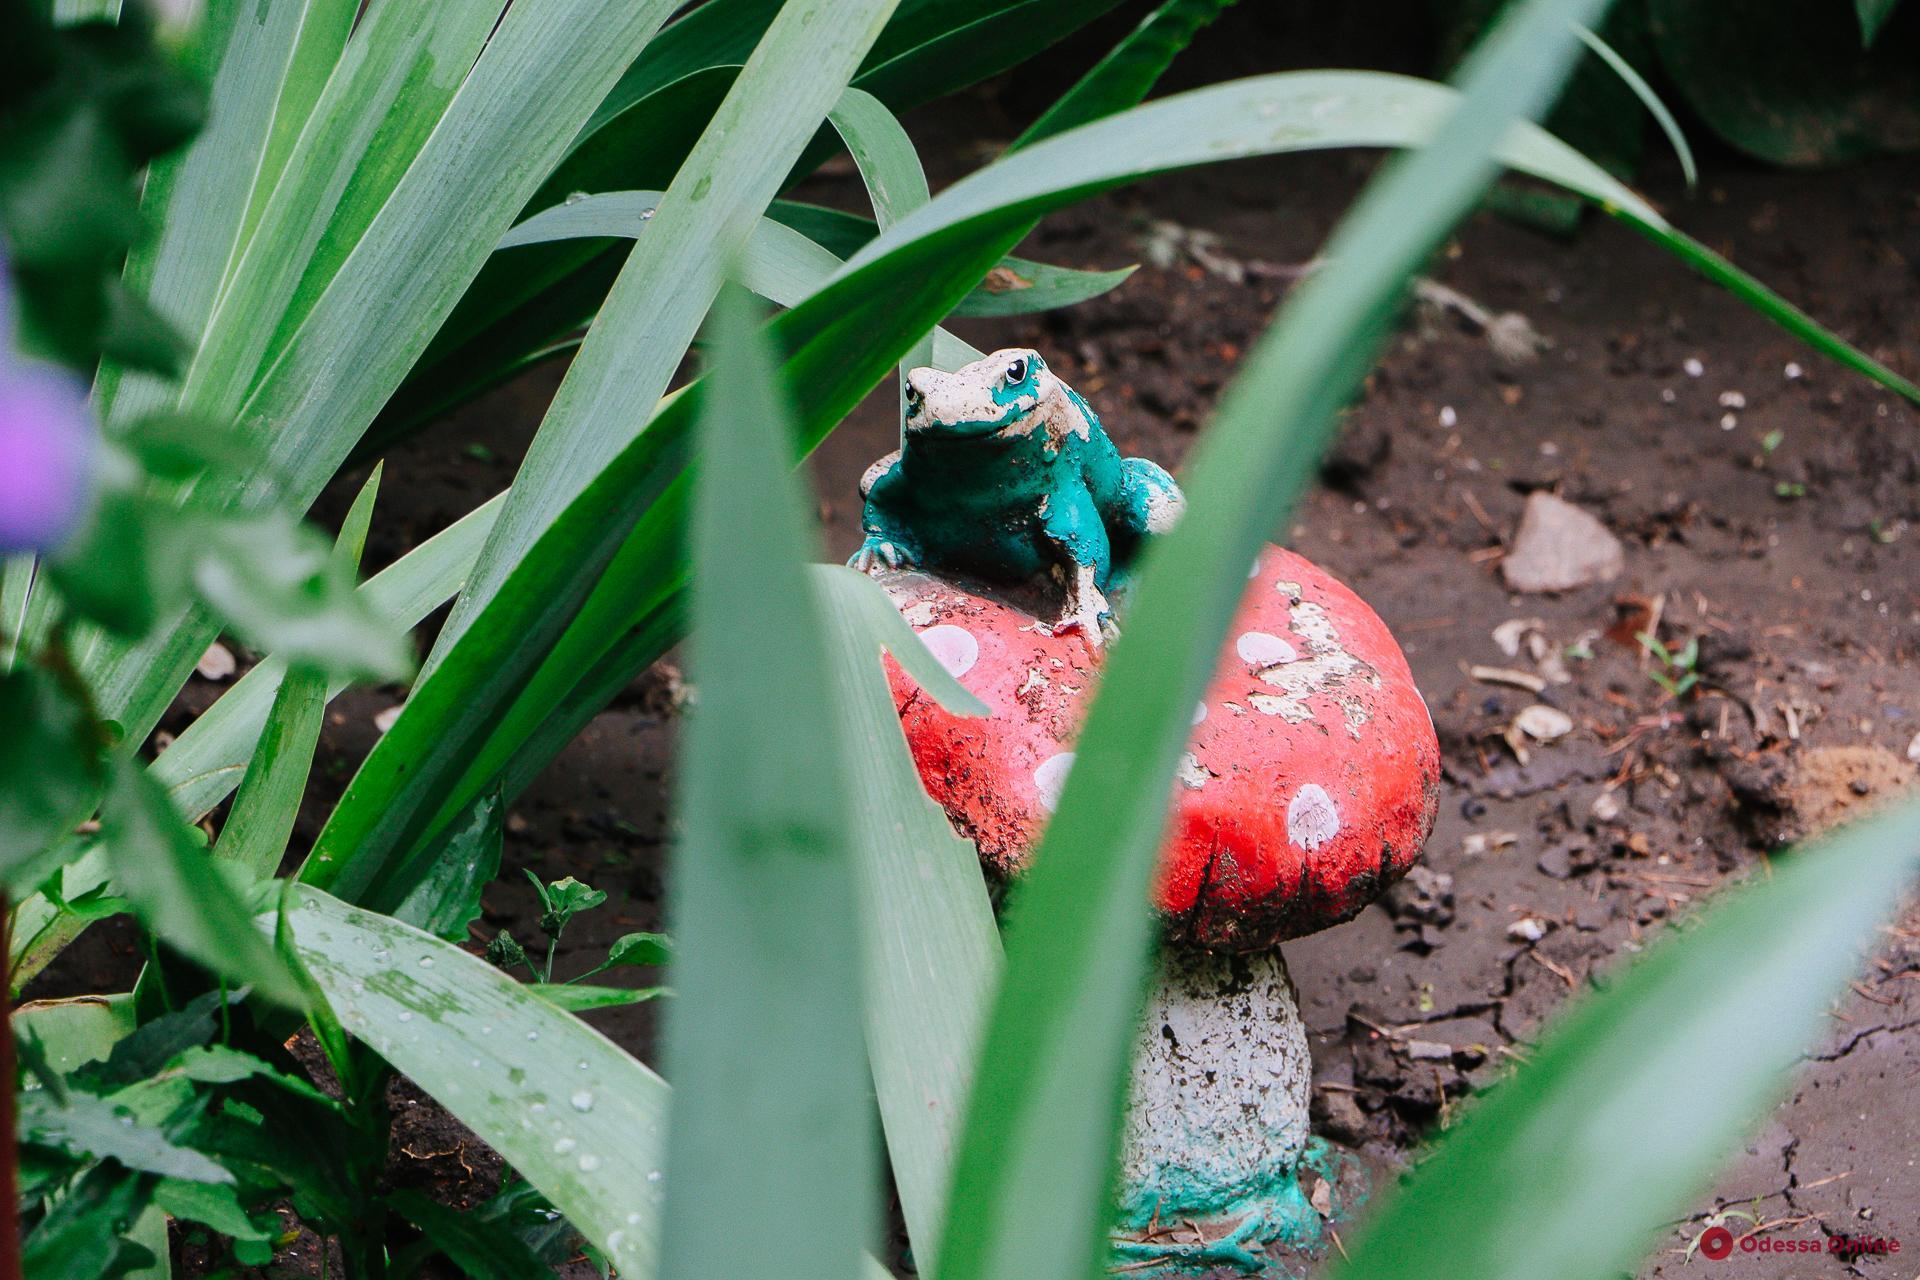 Влюбленные лягушки, гномы и волк верхом на осле: живописный одесский дворик (фото)